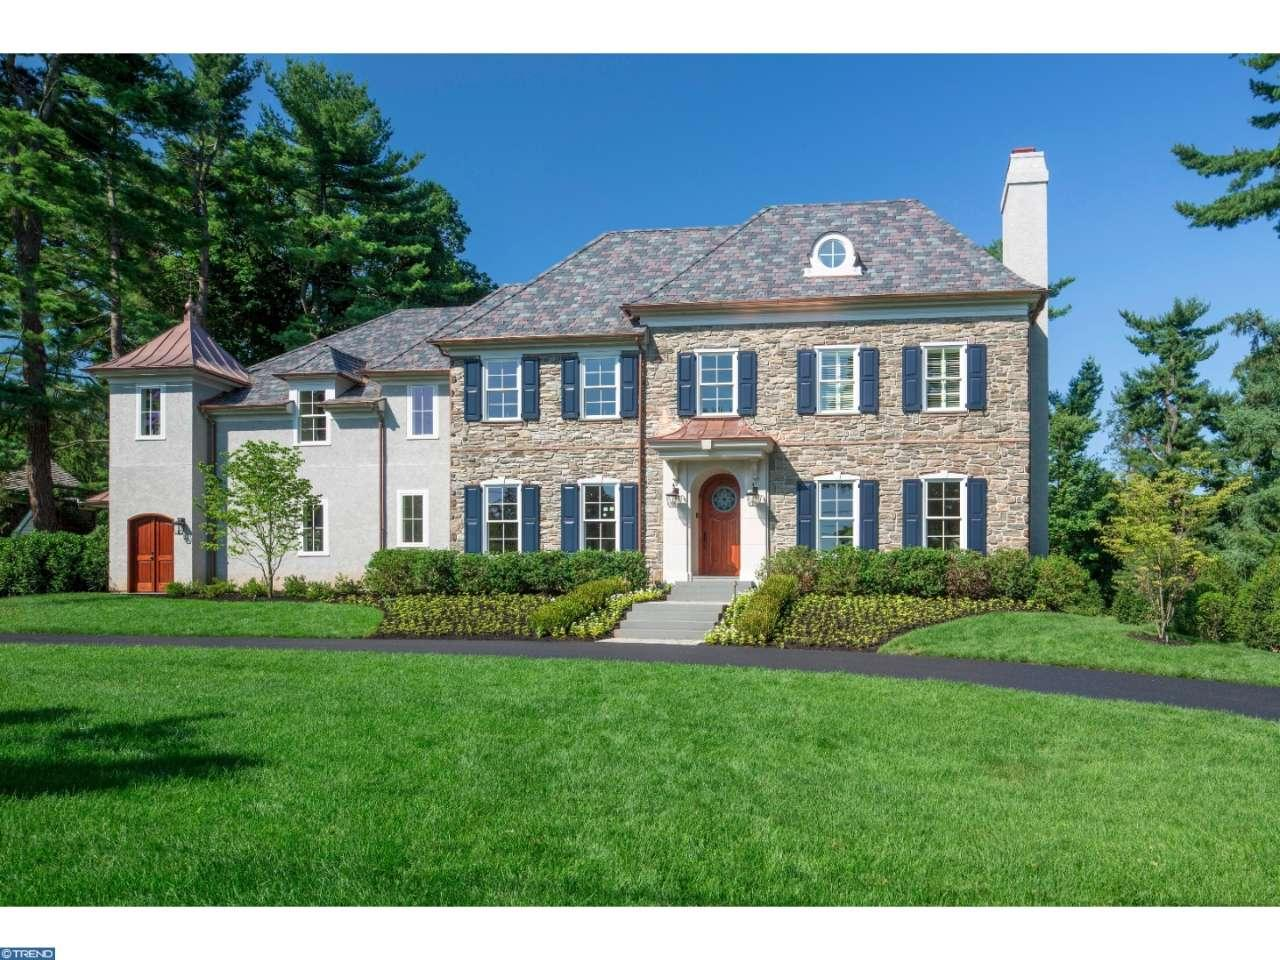 Property for sale at 1138 STONY LN, Gladwyne,  PA 19035